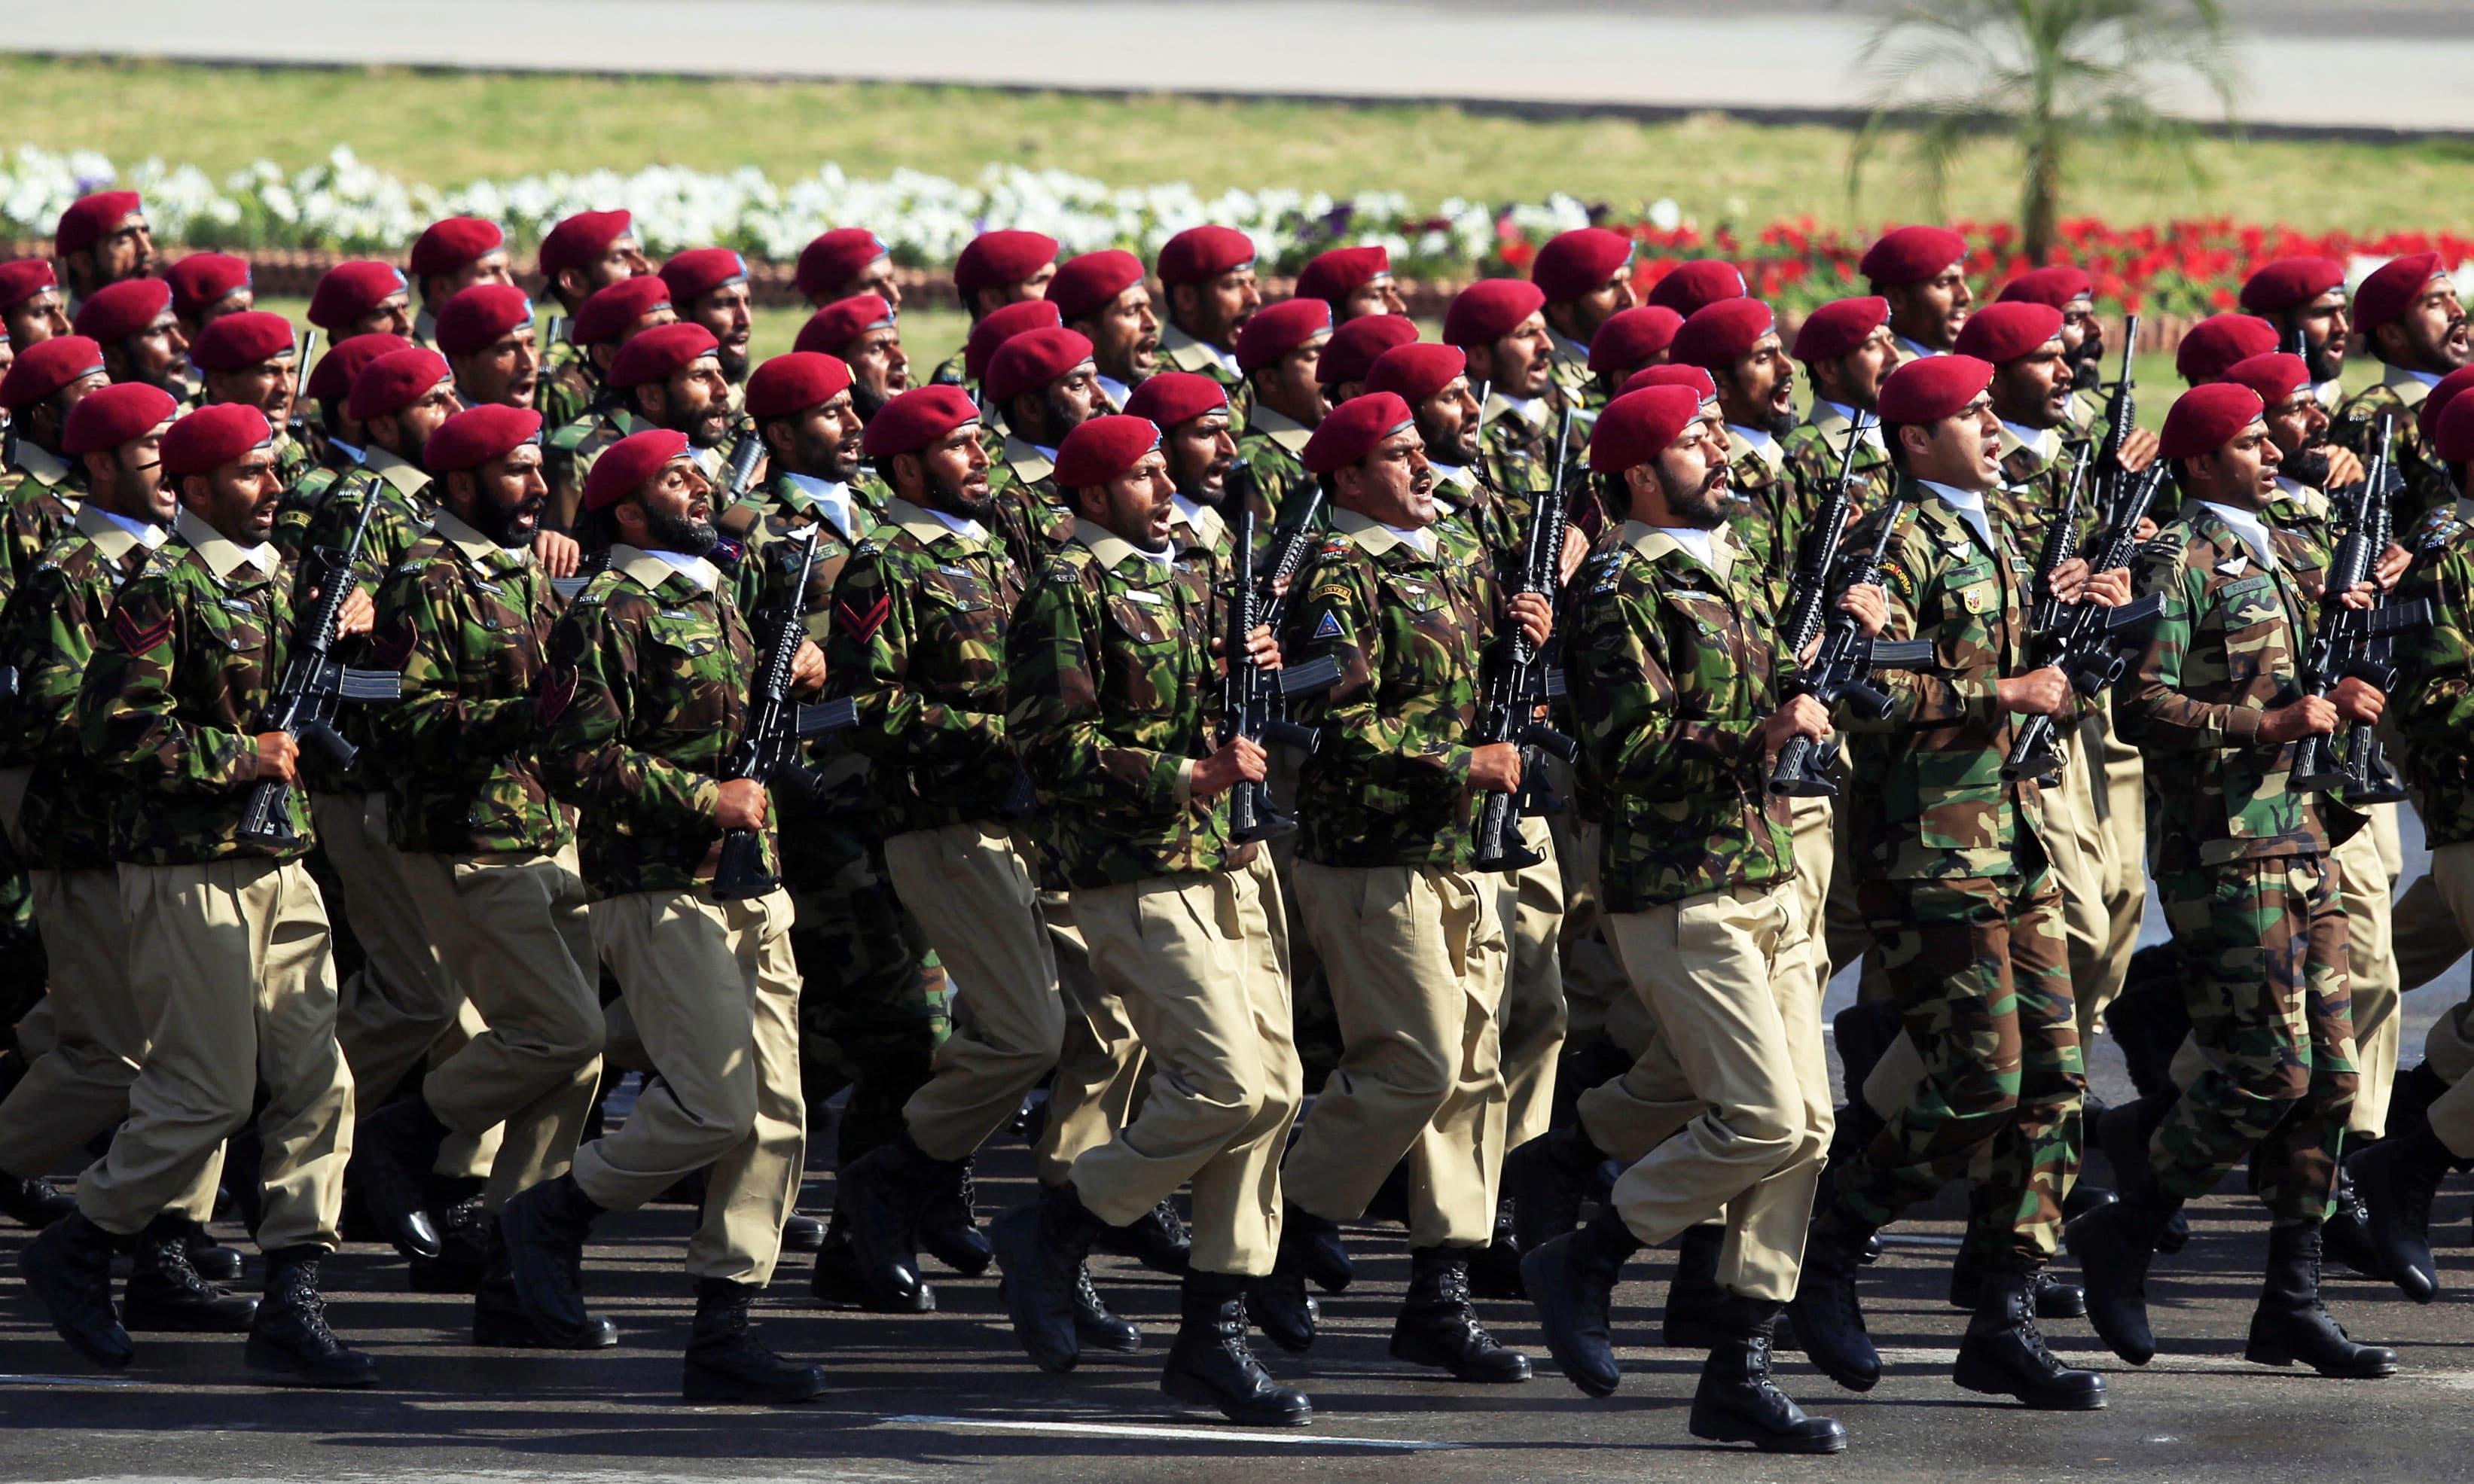 Pakistan-furnizează-zeci-de-mii-de-mercenari-pentru-armatele-statelor-arabe-din-Golf-bogate-în-petrol